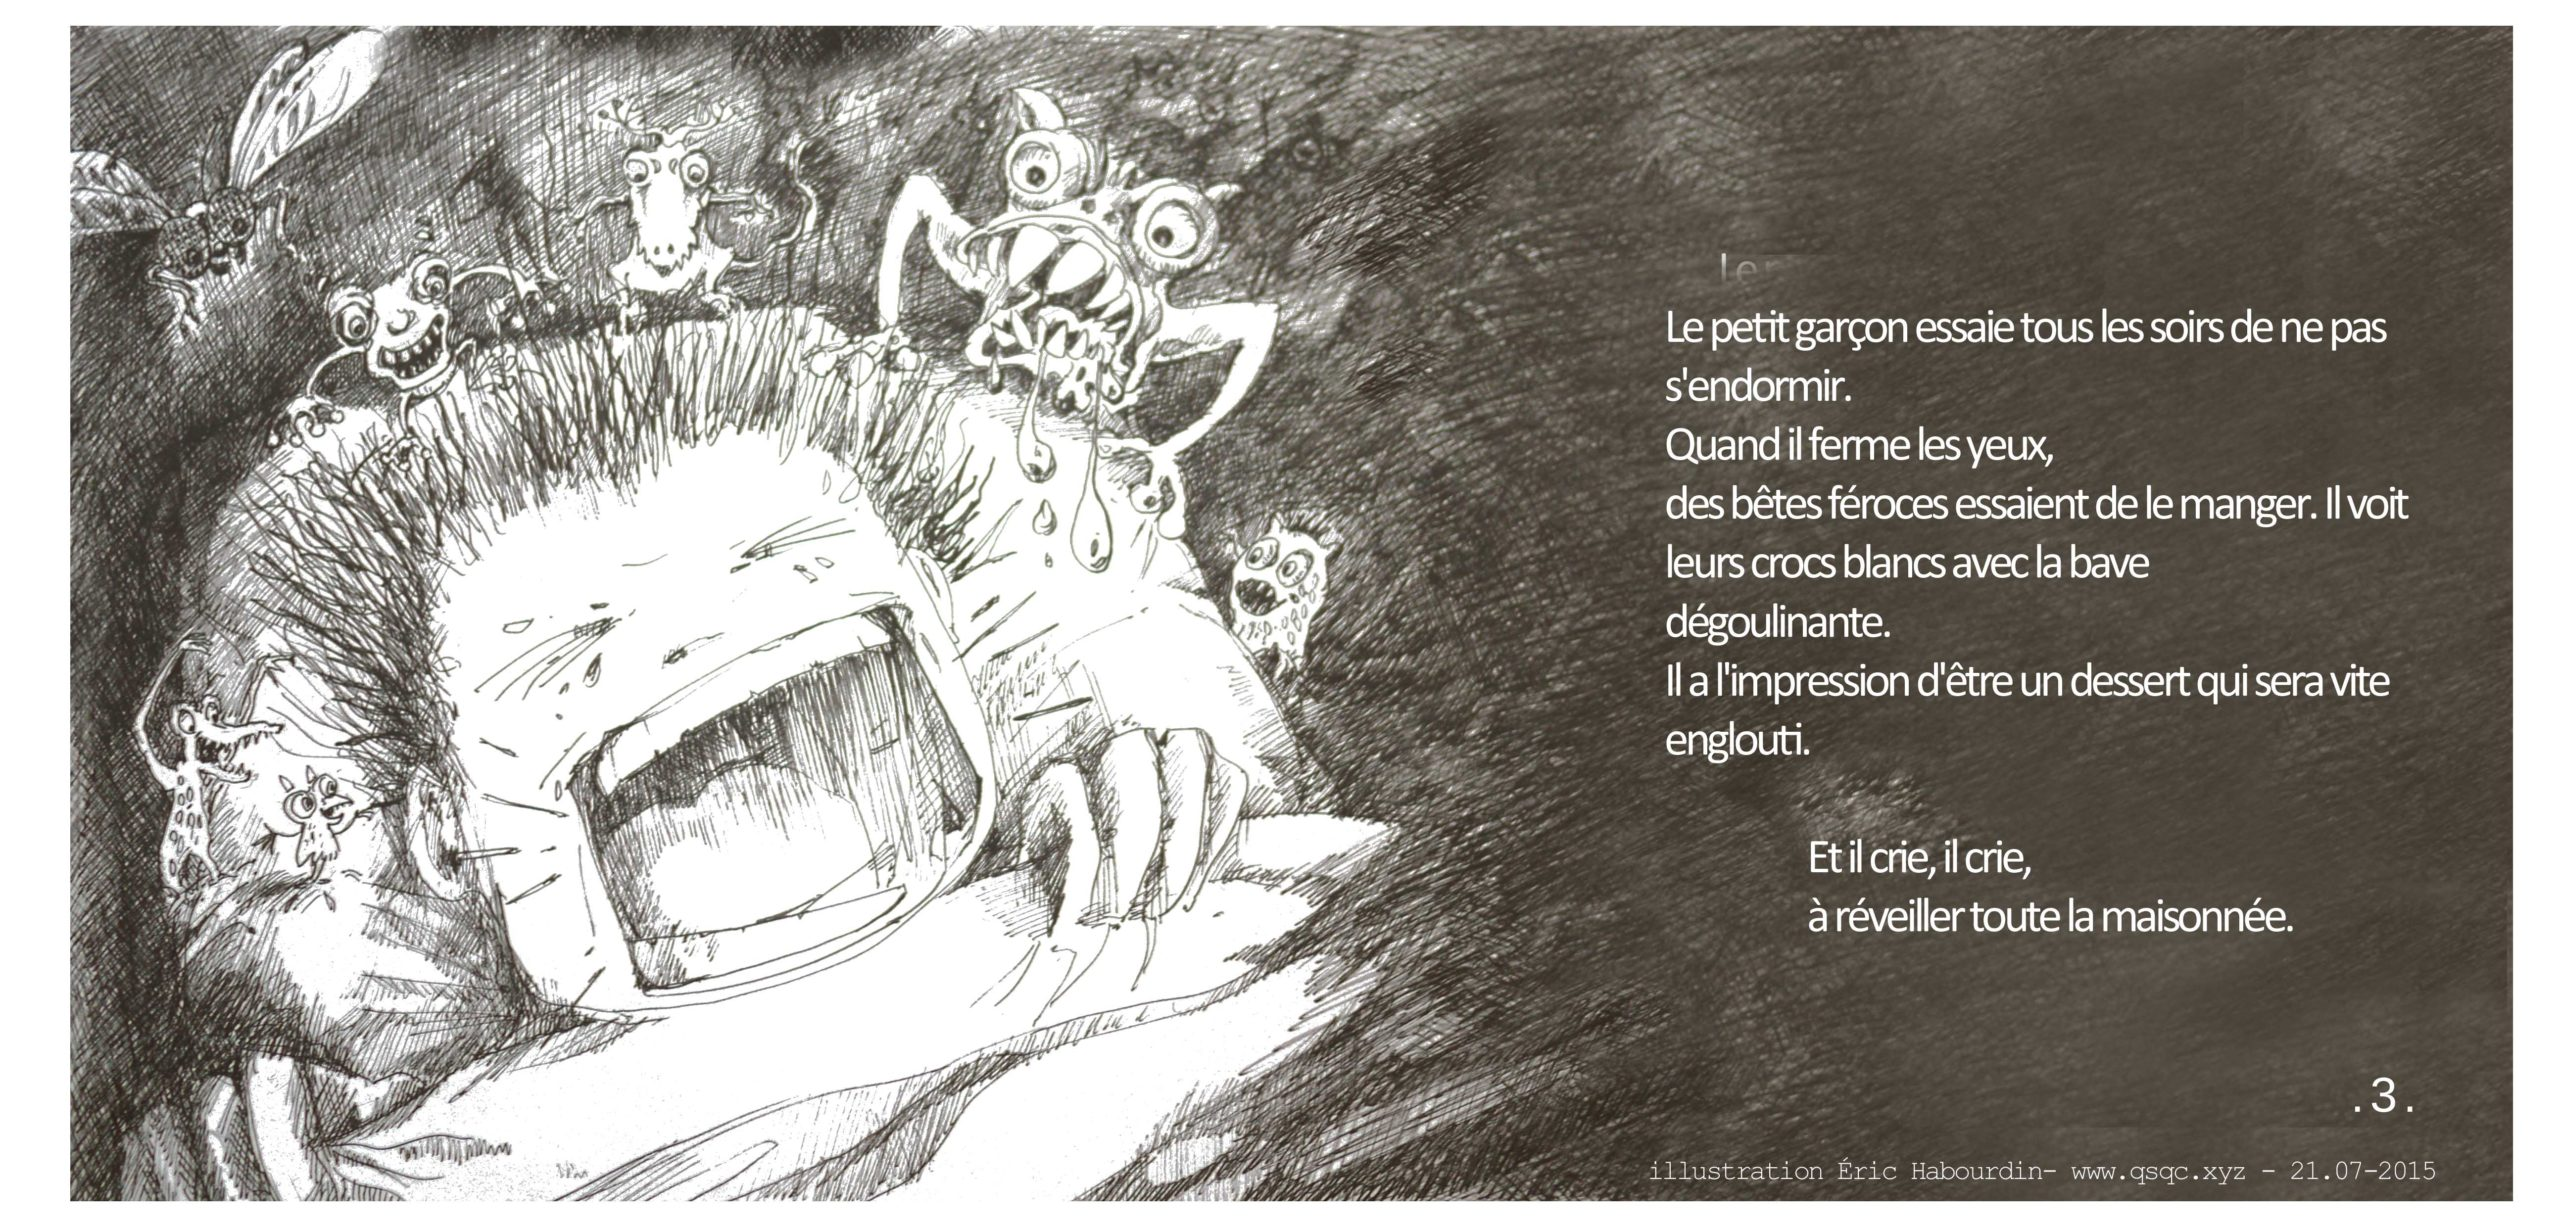 Illustration Des rêves en or, albumjeunesse